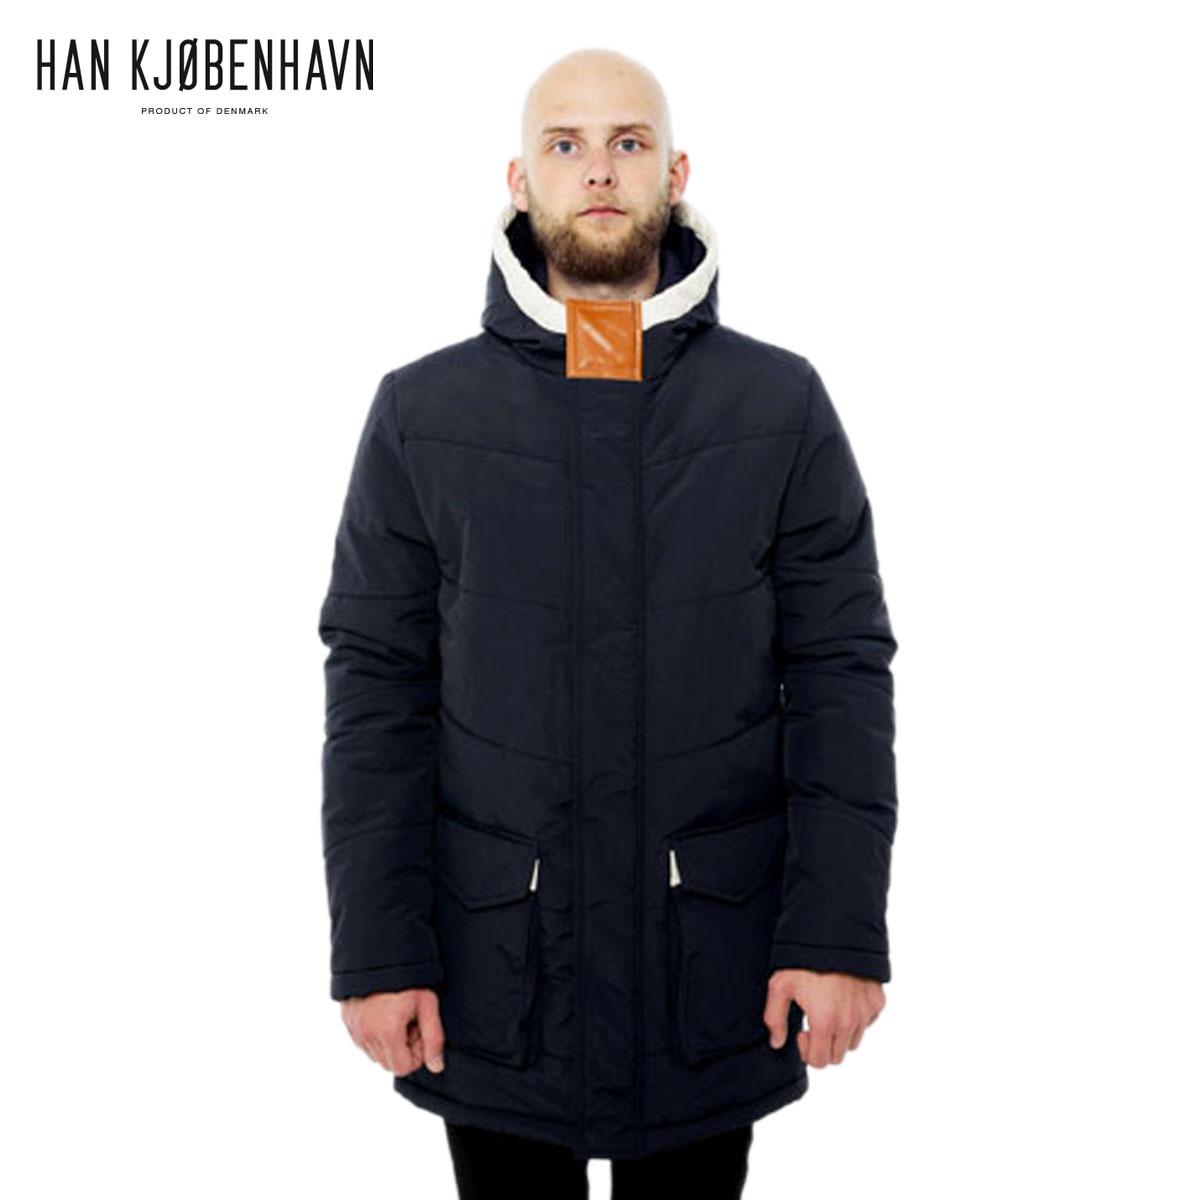 ハン HAN KJOBENHAVN 正規販売店 メンズ ジャケット CAPTAL PARKA Indigo D15S25